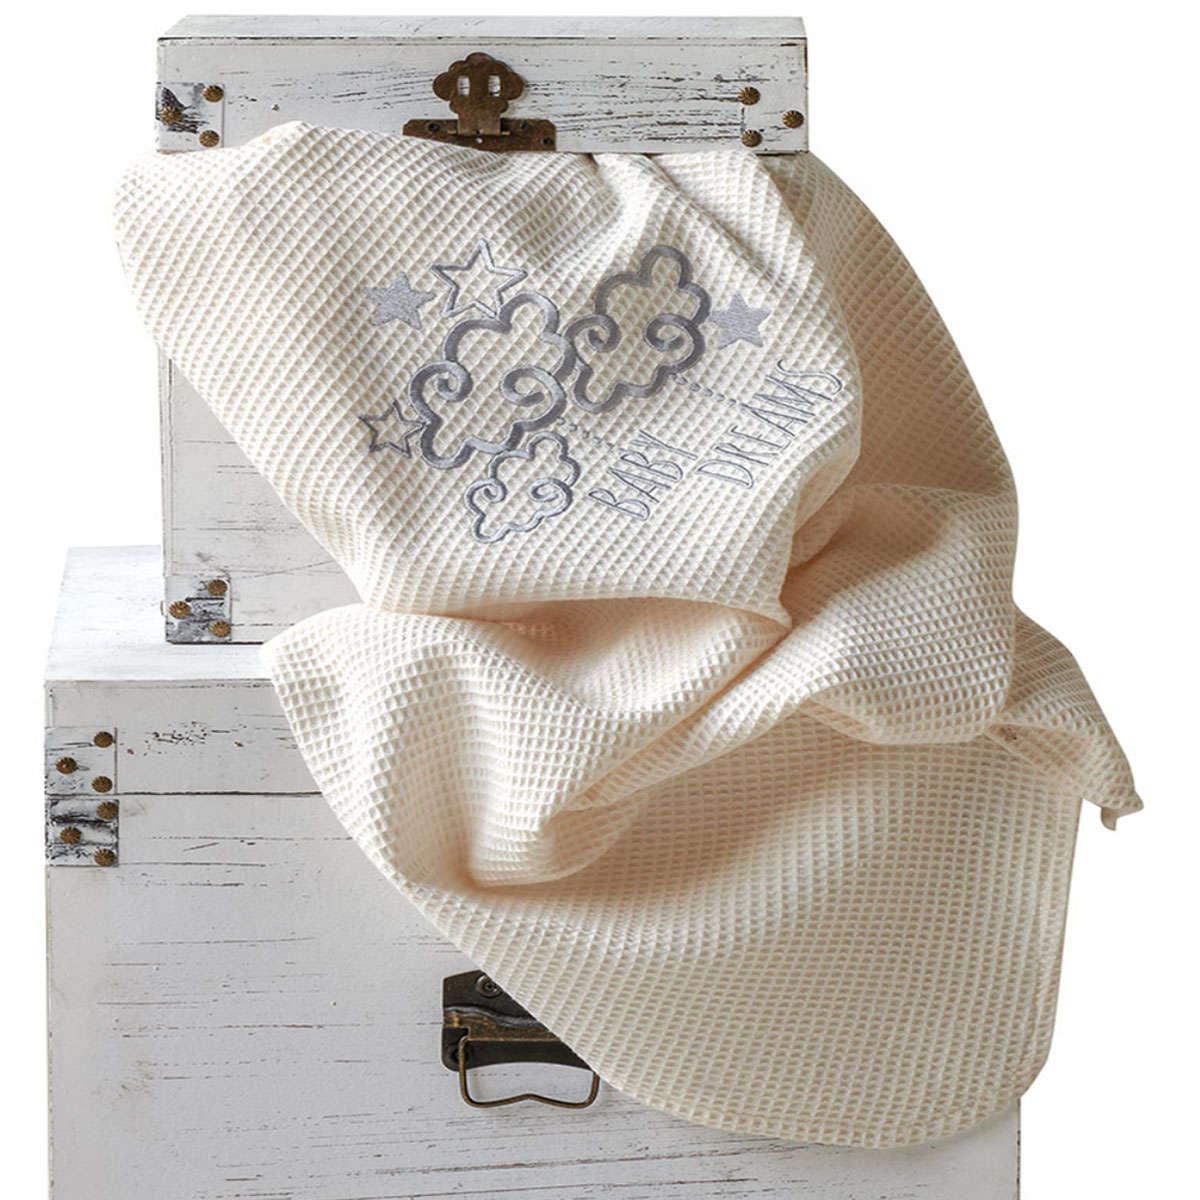 Βρεφική Κουβέρτα Baby Dream Ecru Kentia Κούνιας 100x140cm